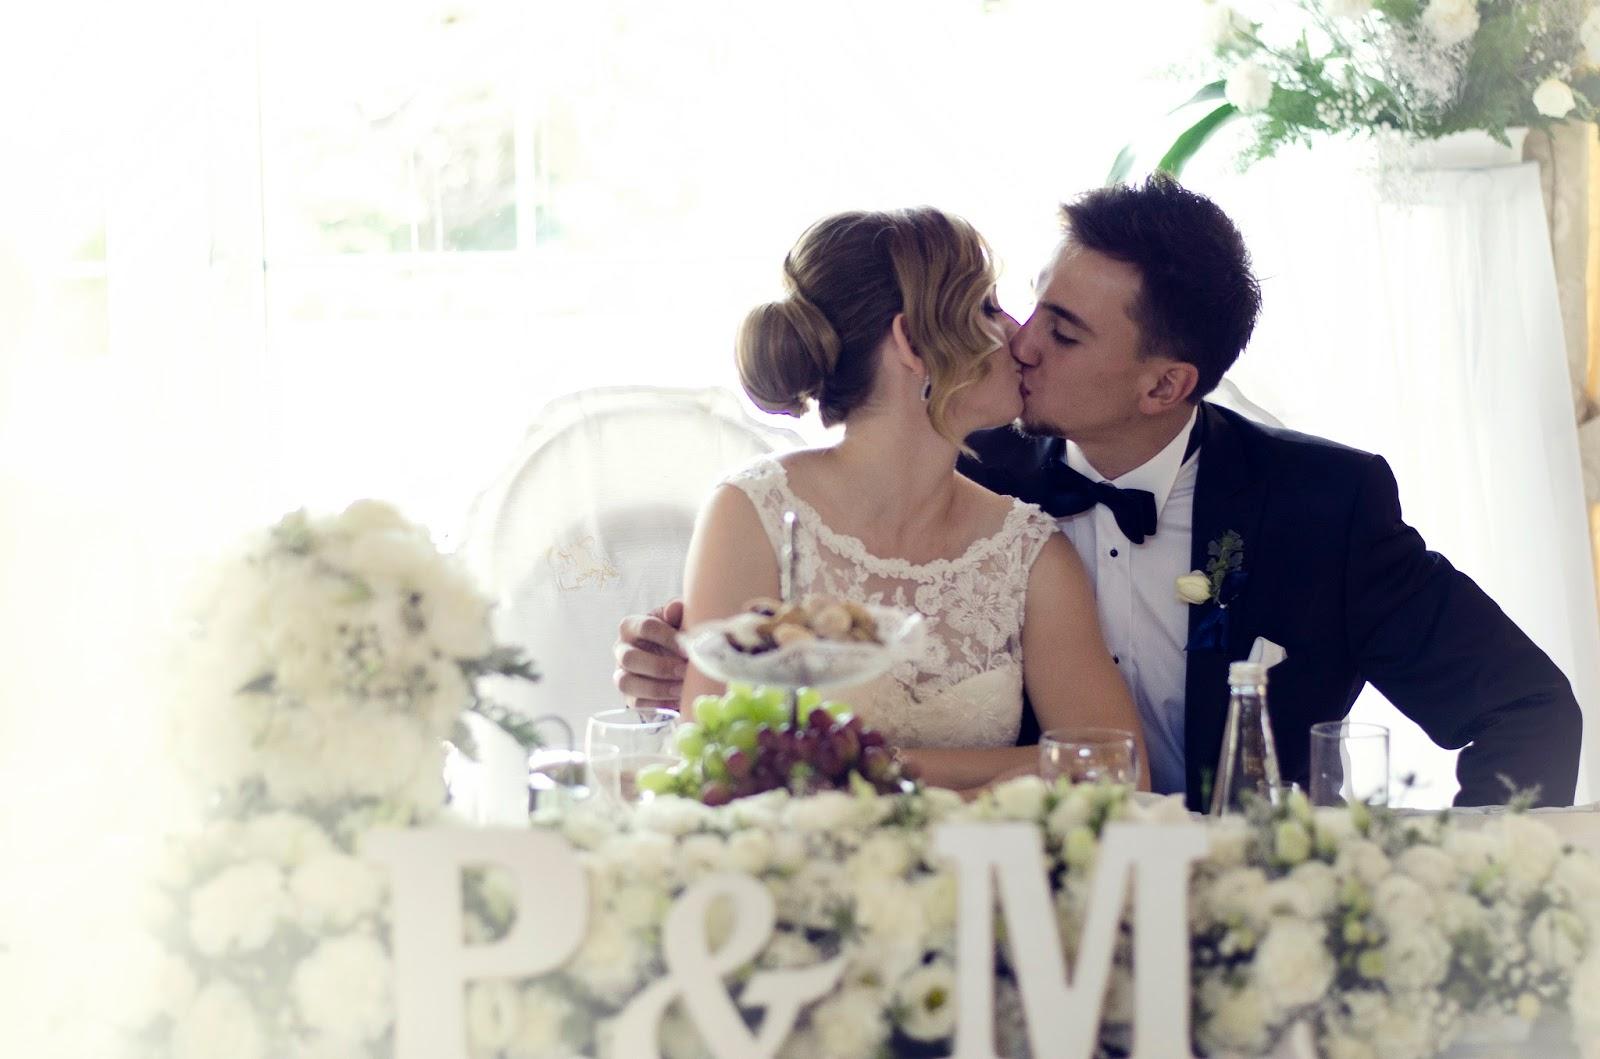 Mój pierwszy raz | Reportaż ślubny Paulina&Marcin - Happily Ever After